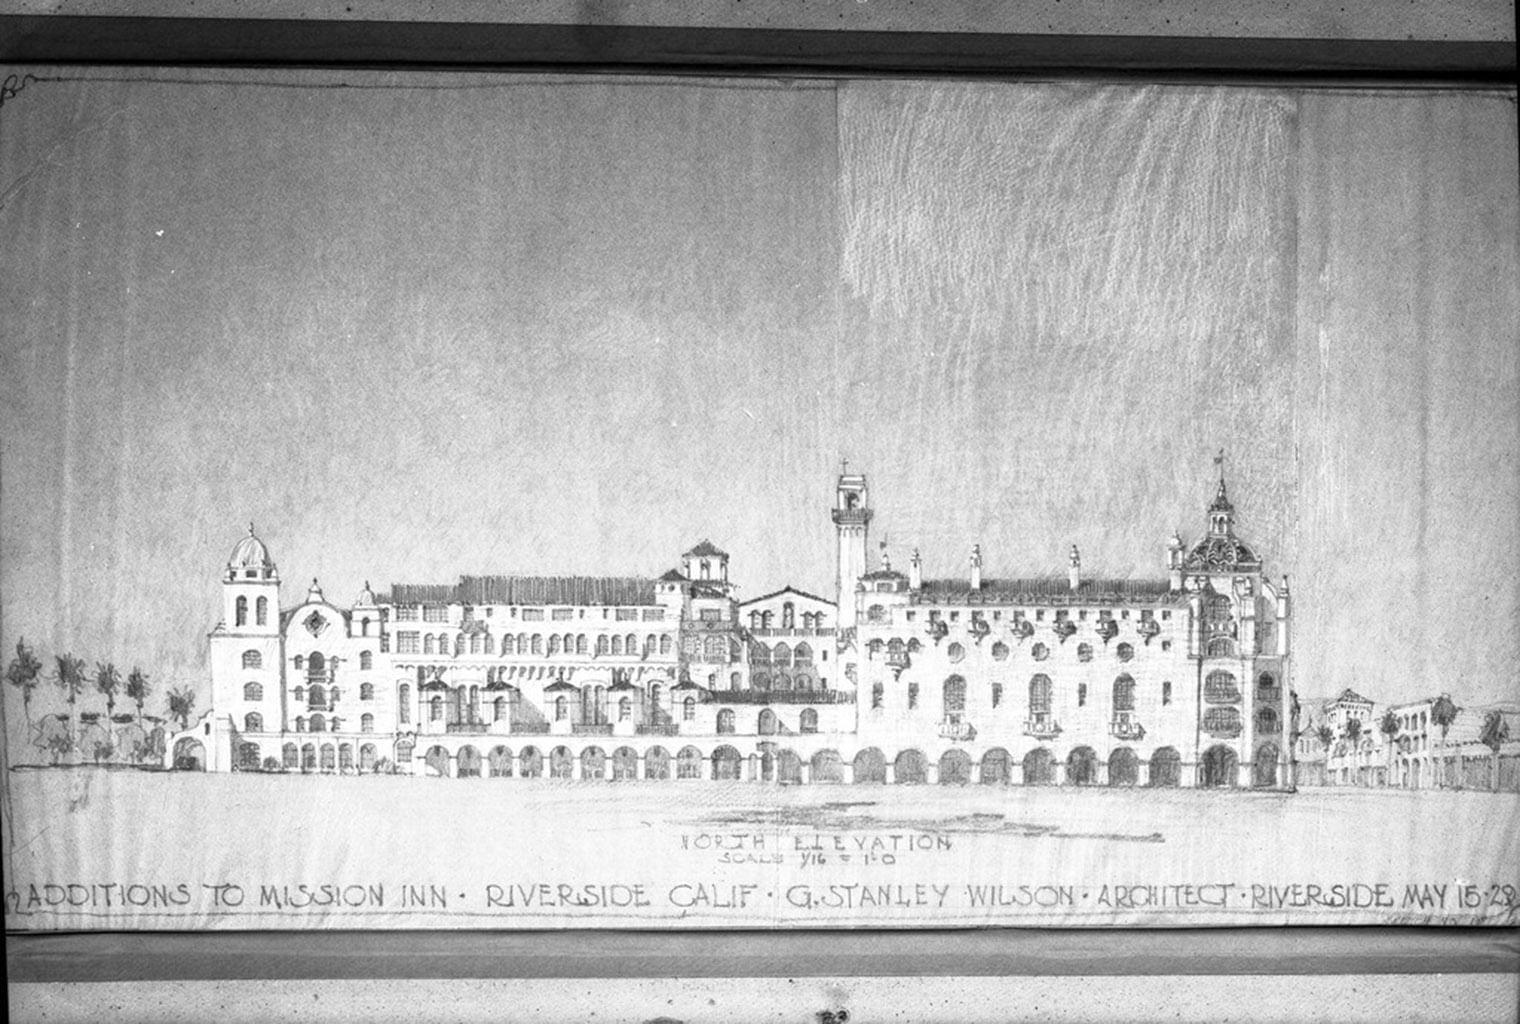 vintage rendering of Mission Inn Hotel